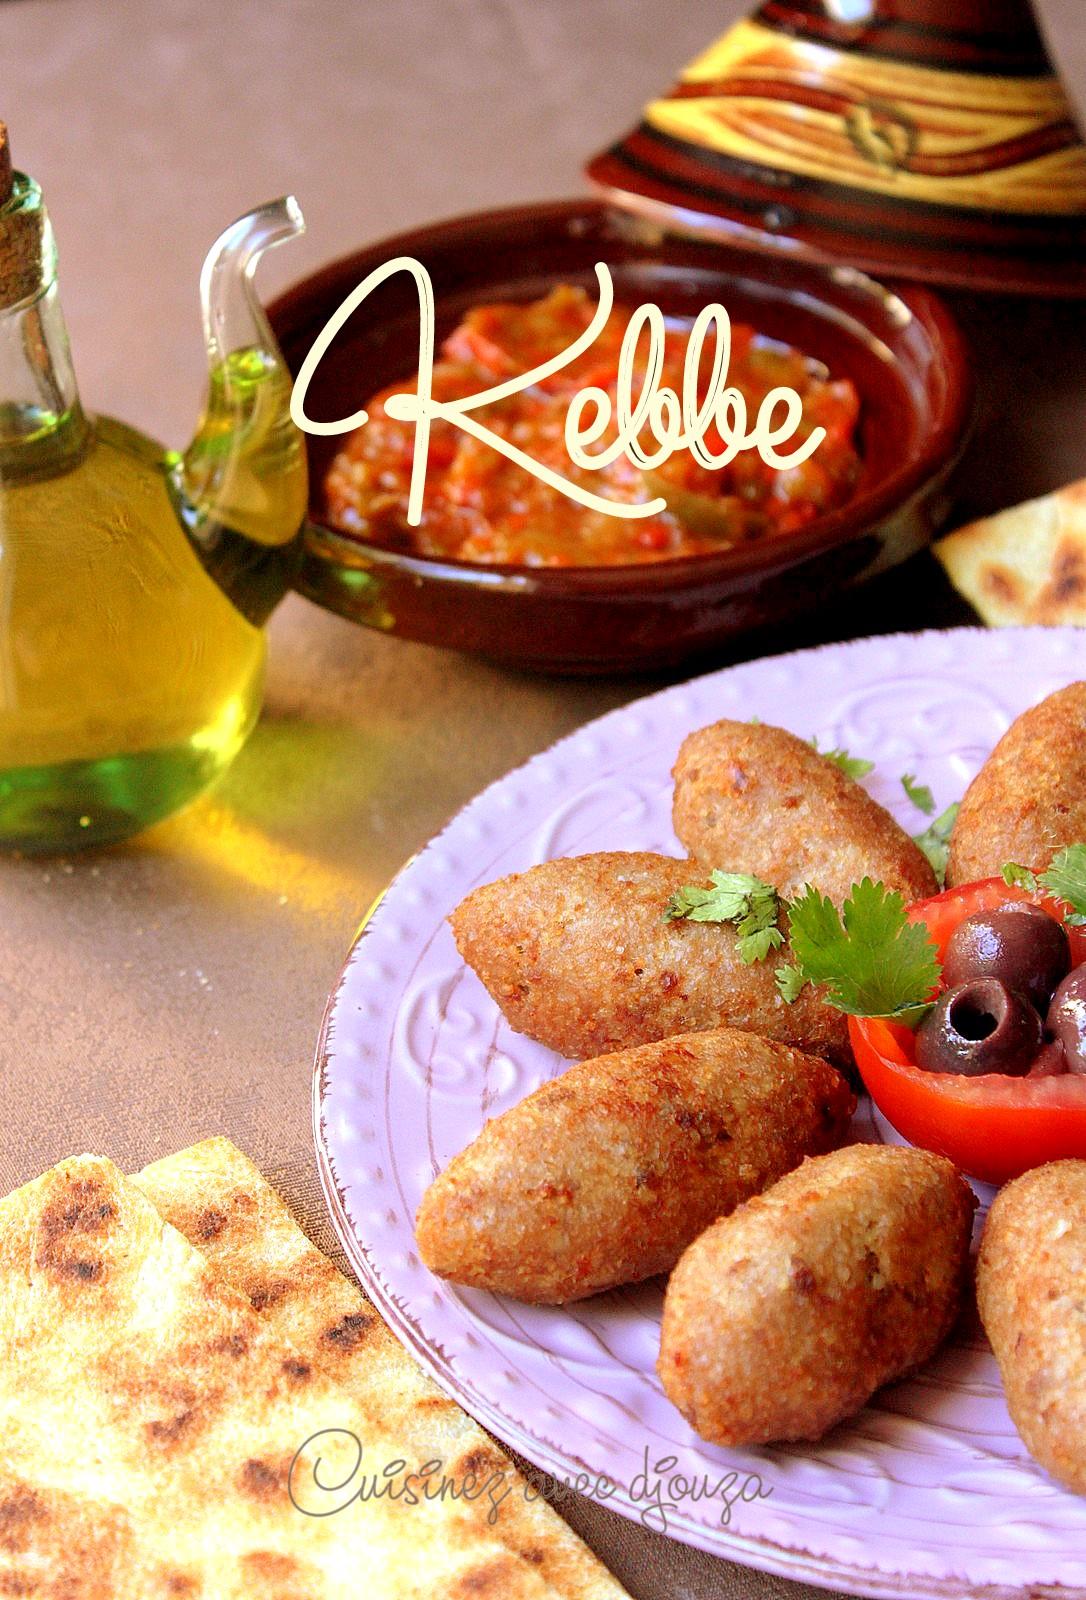 Recette boulette des kebbas